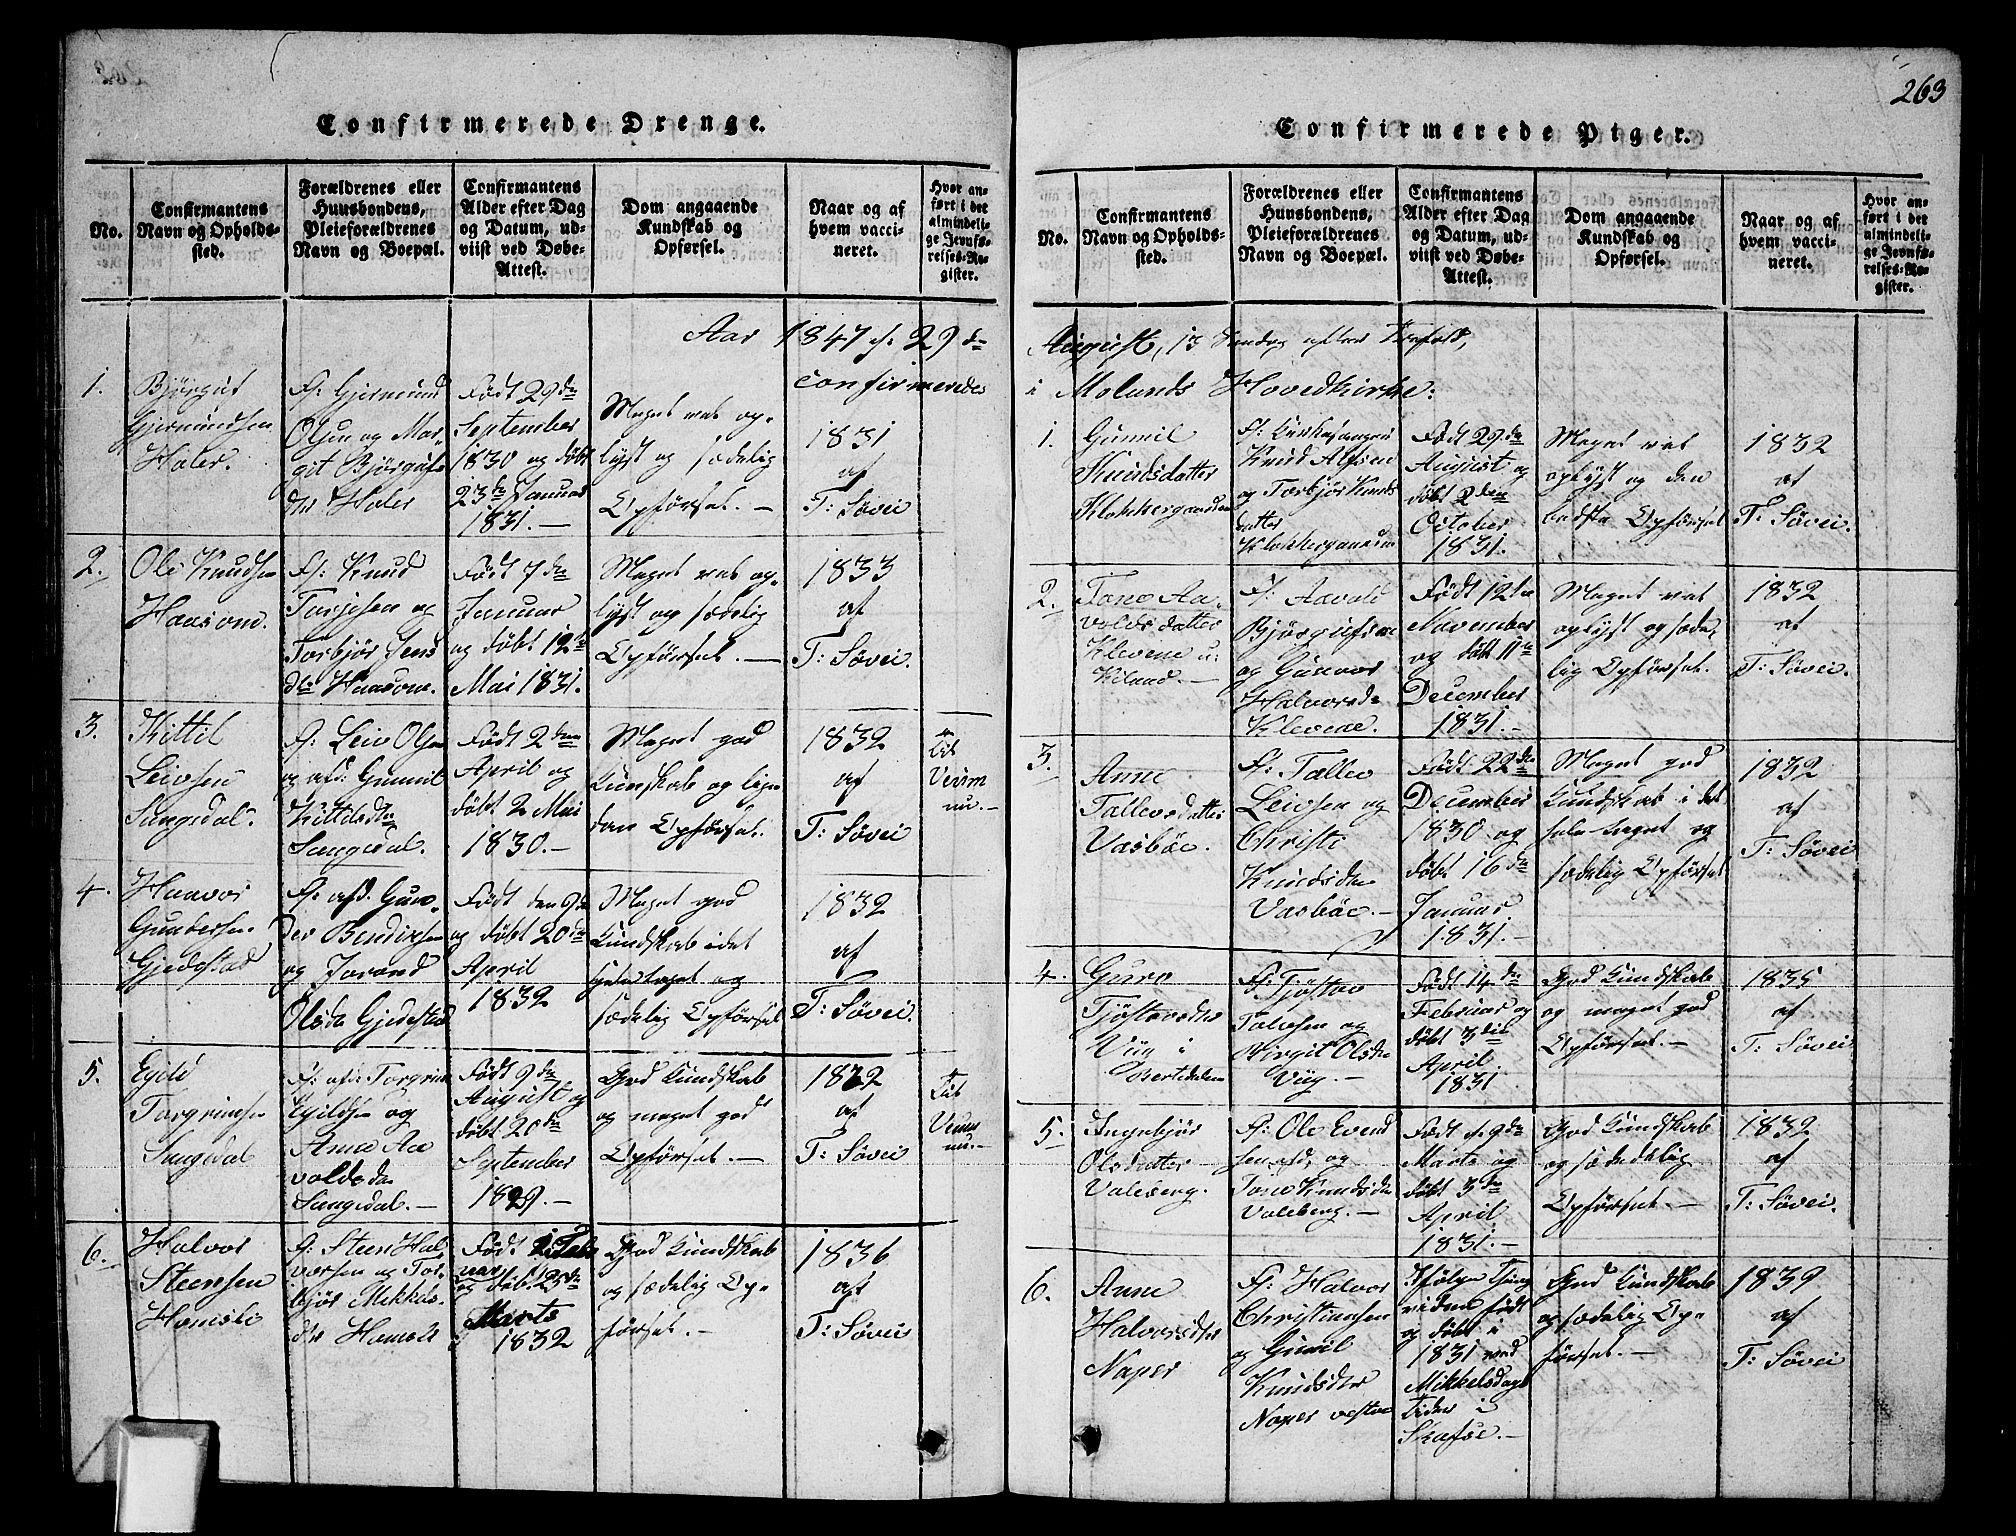 SAKO, Fyresdal kirkebøker, G/Ga/L0002: Klokkerbok nr. I 2, 1815-1857, s. 263